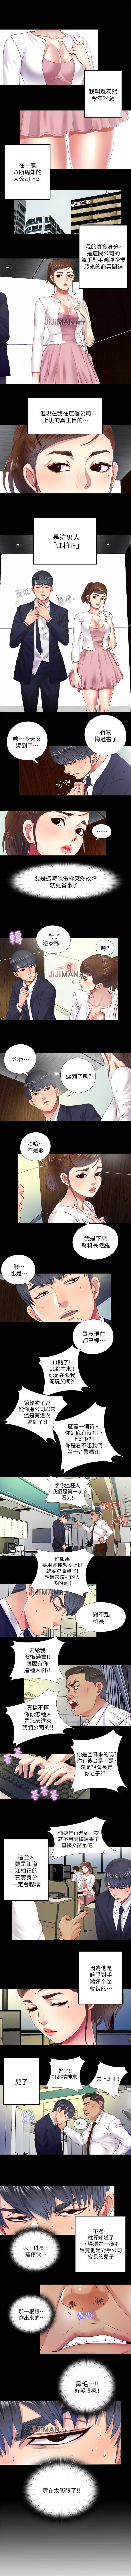 【已完结】同居捉迷藏(作者:林巨星) 第1~30话 35